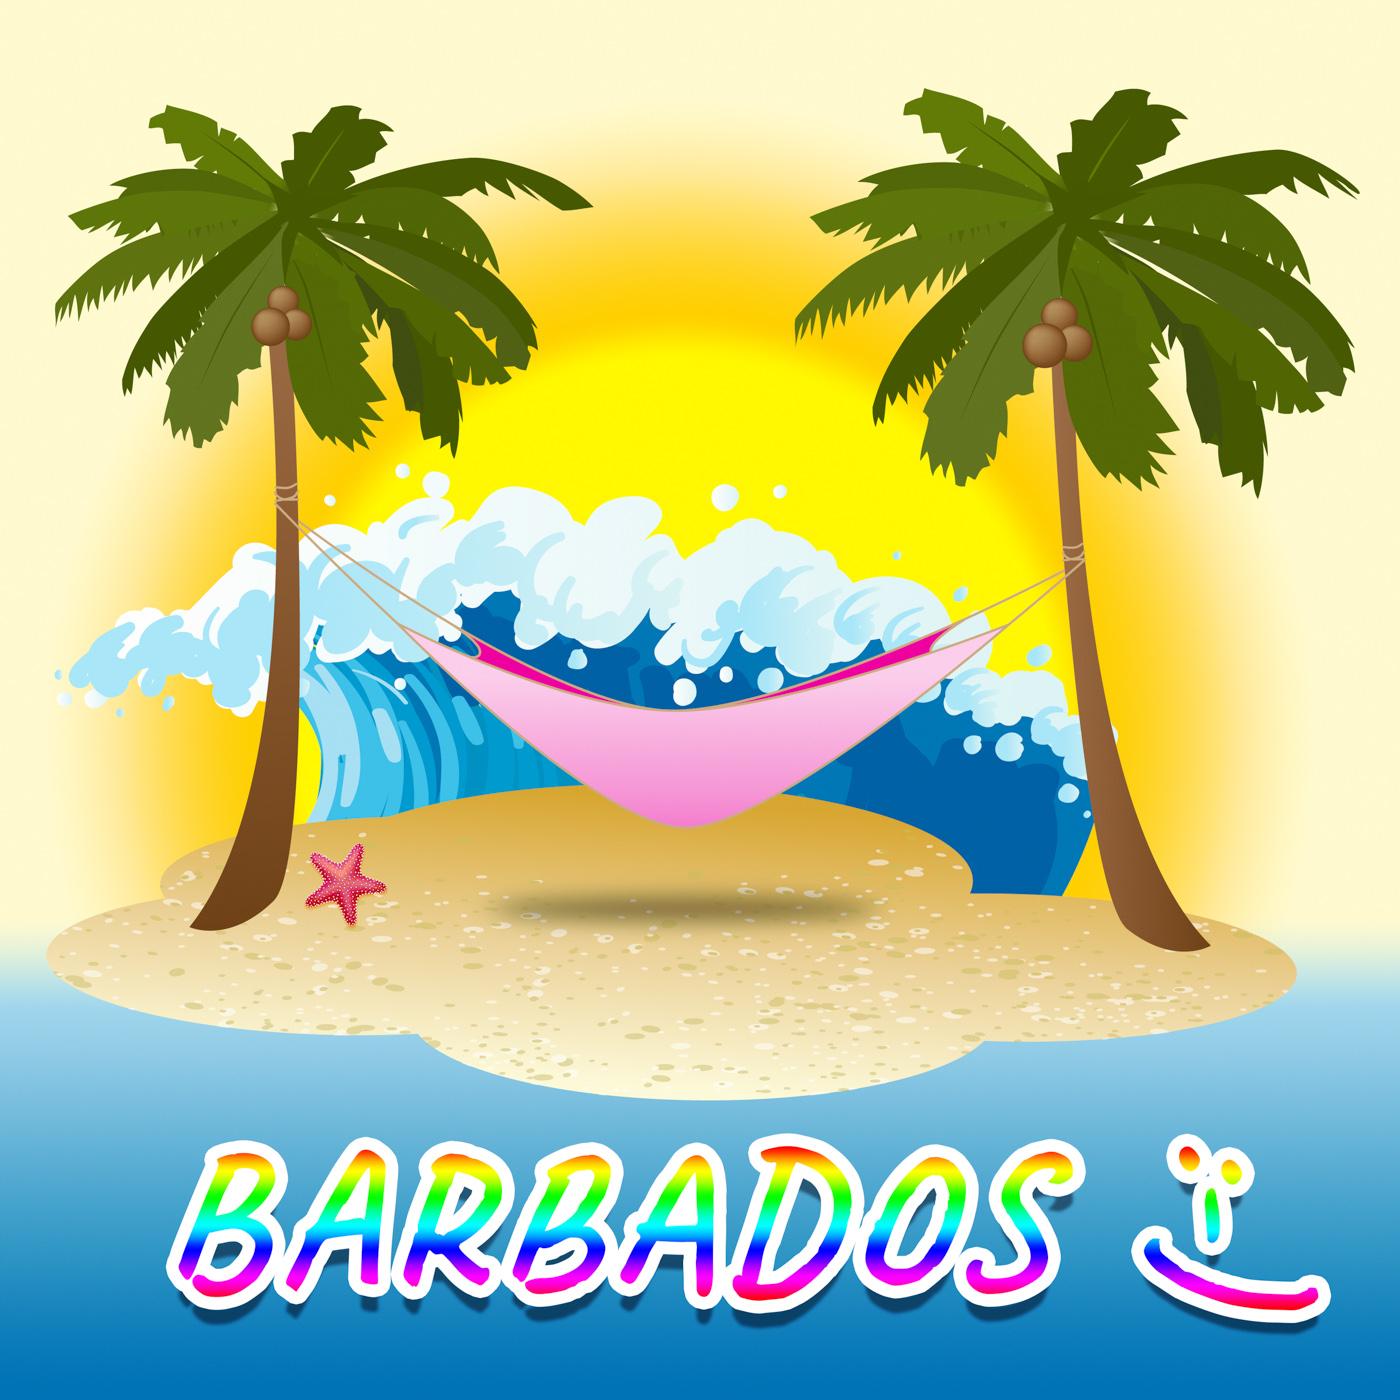 Barbados Holiday Represents Summer Time And Beach, Barbados, Sea, Warm, Vacationing, HQ Photo